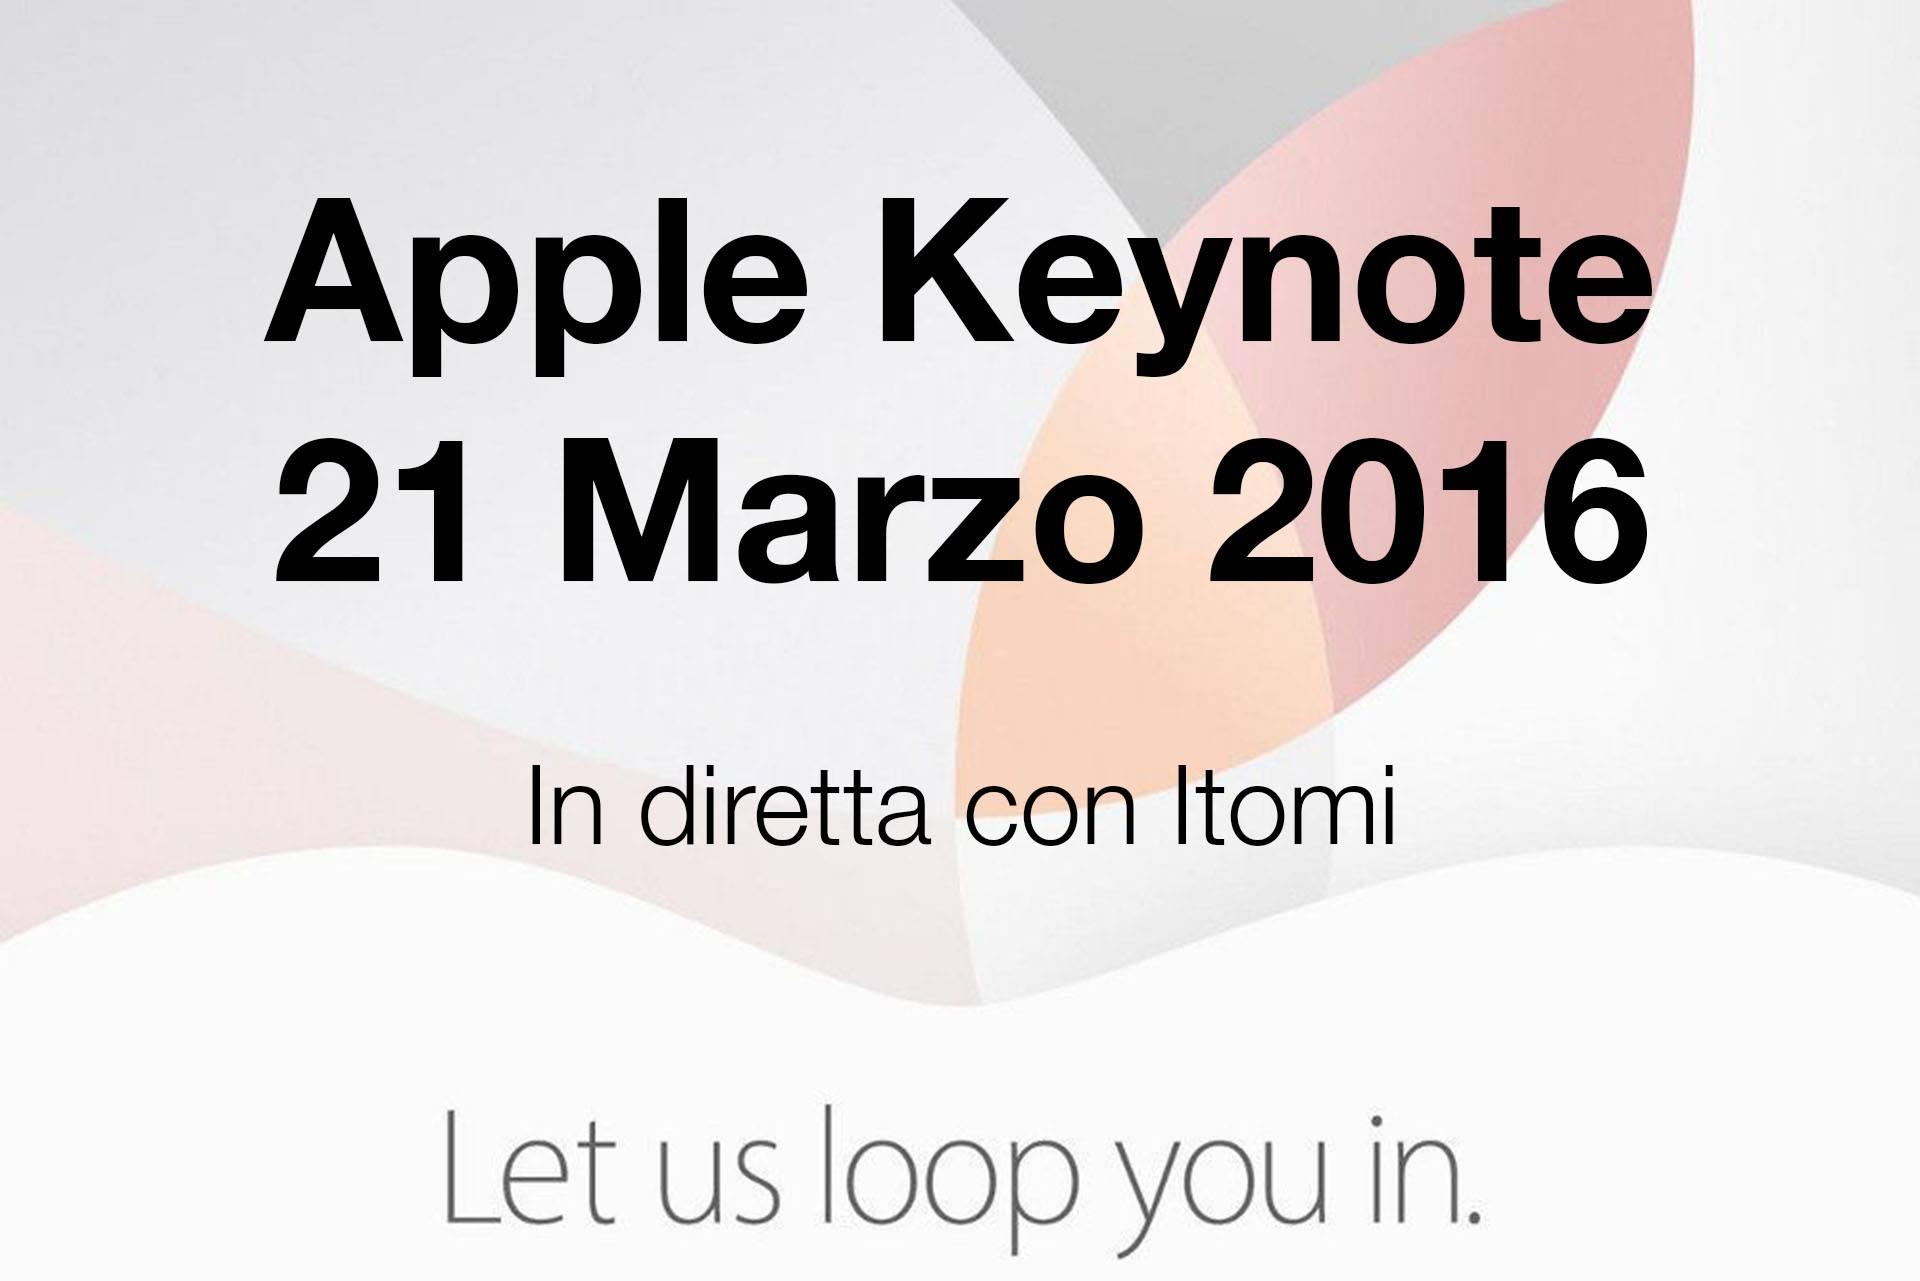 Evento Apple in diretta con Itomi!